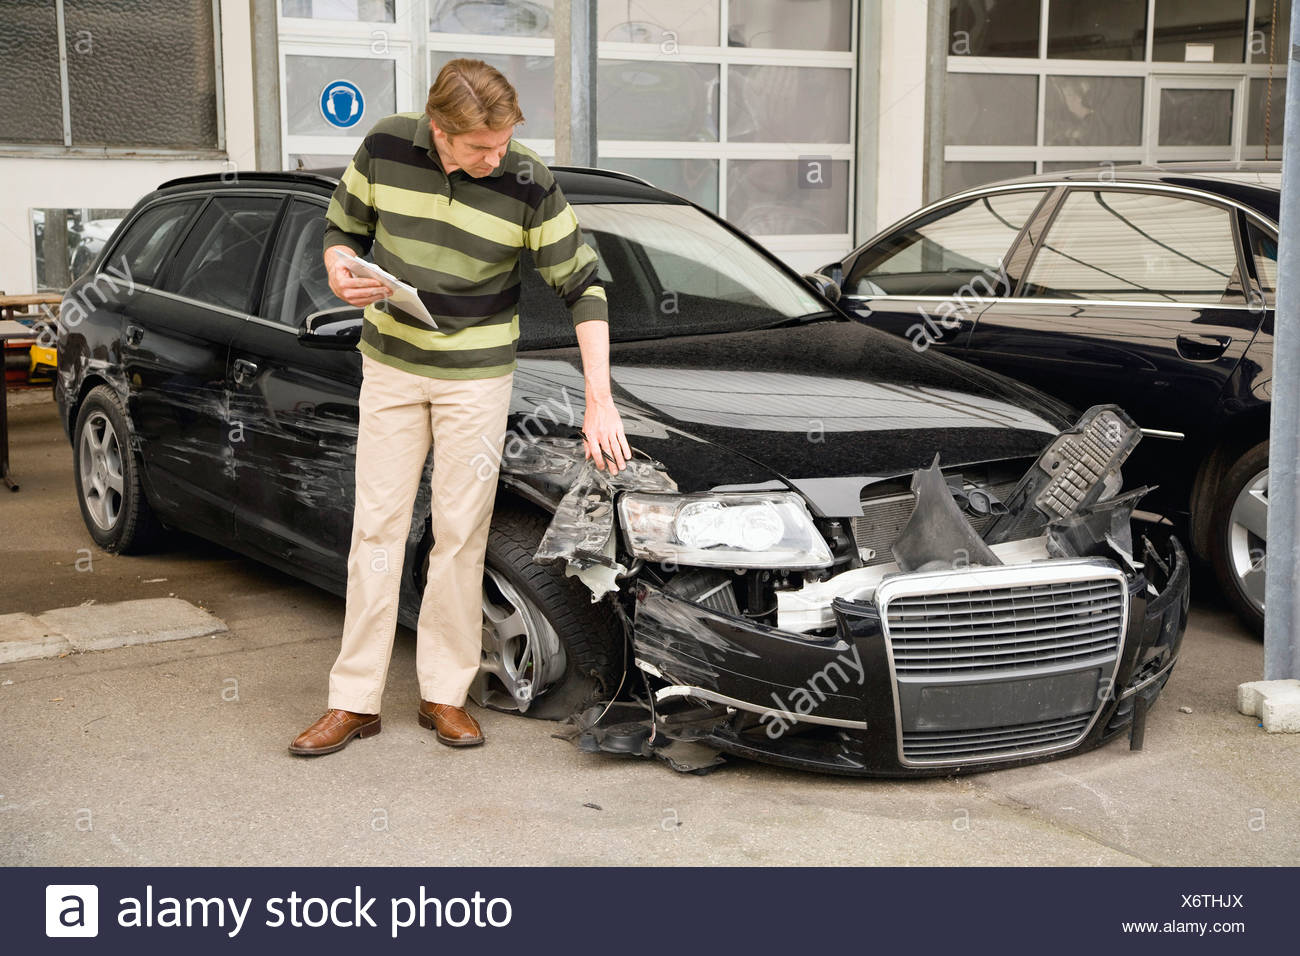 Versicherungssachverständigen Schadensbewertung, Auto Stockbild